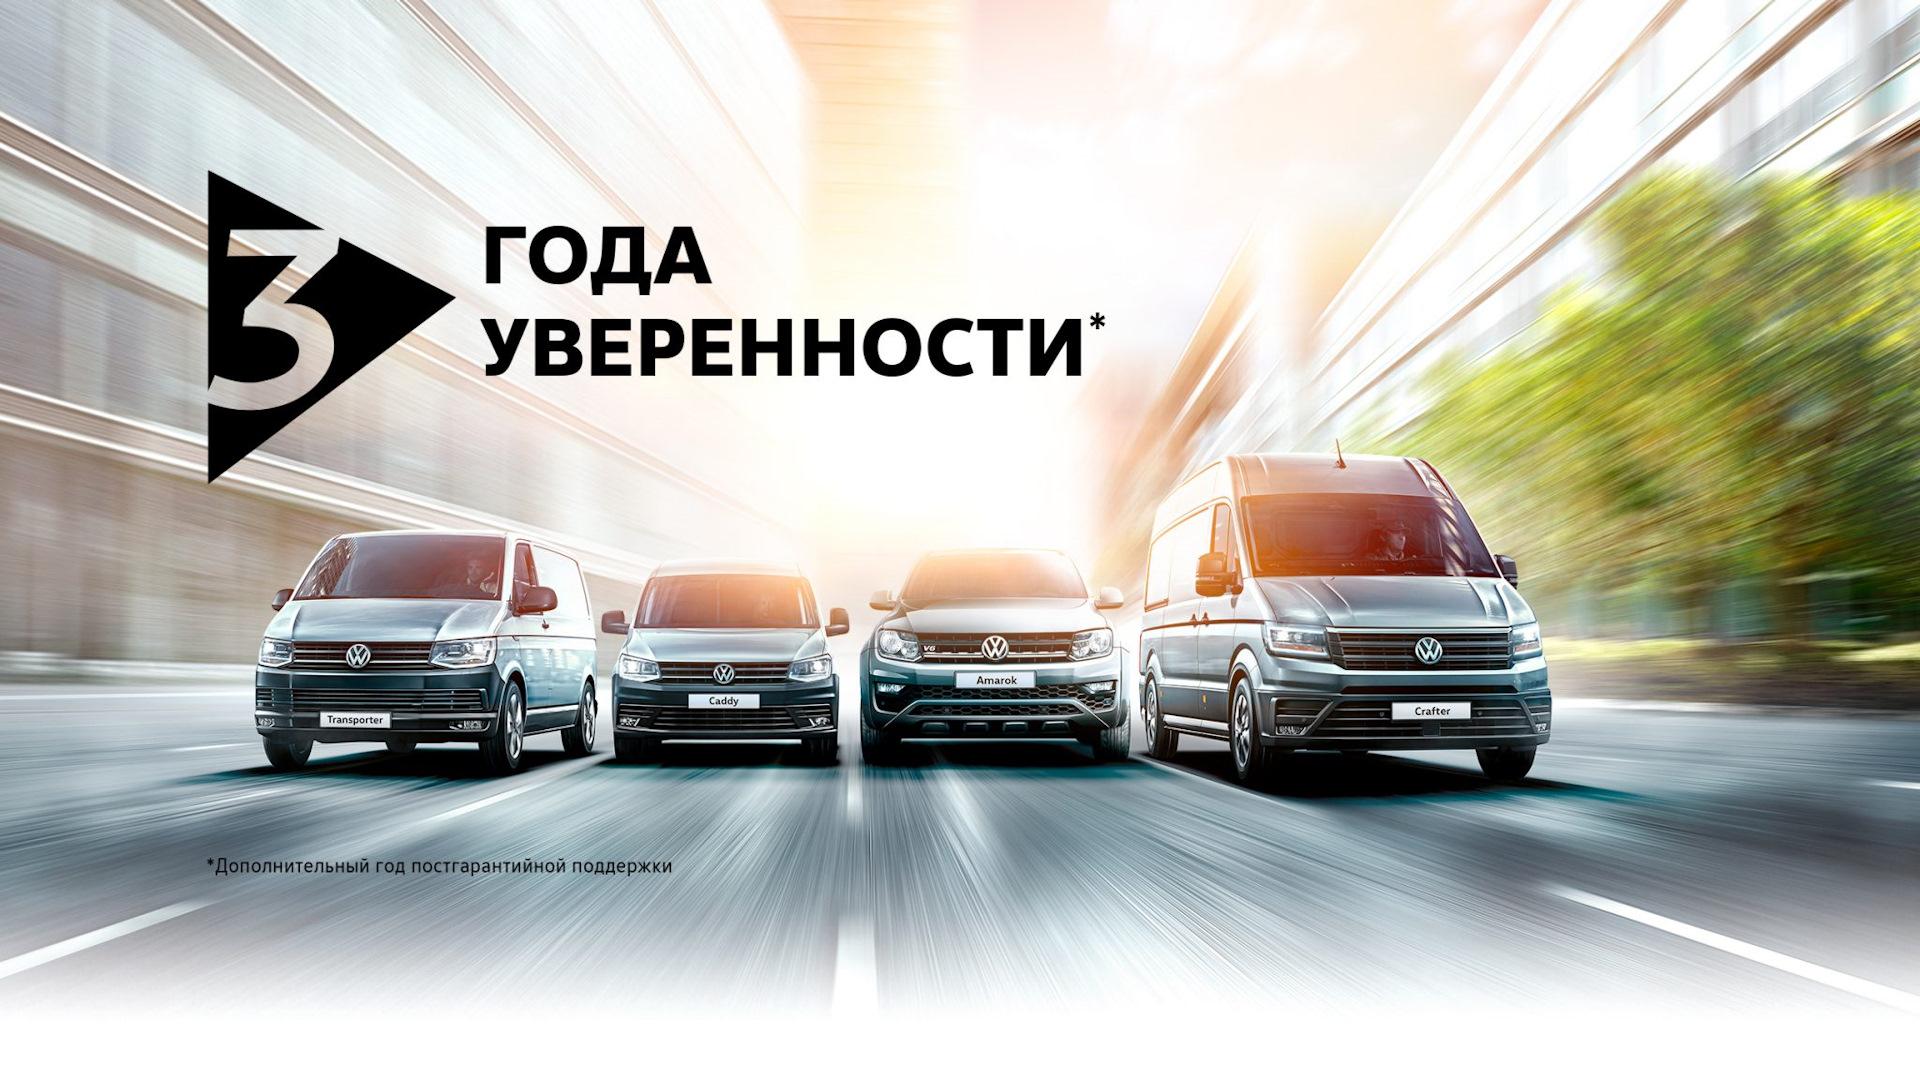 Коммерческие автомобили Volkswagen: 3 года уверенности КАСКО с ...